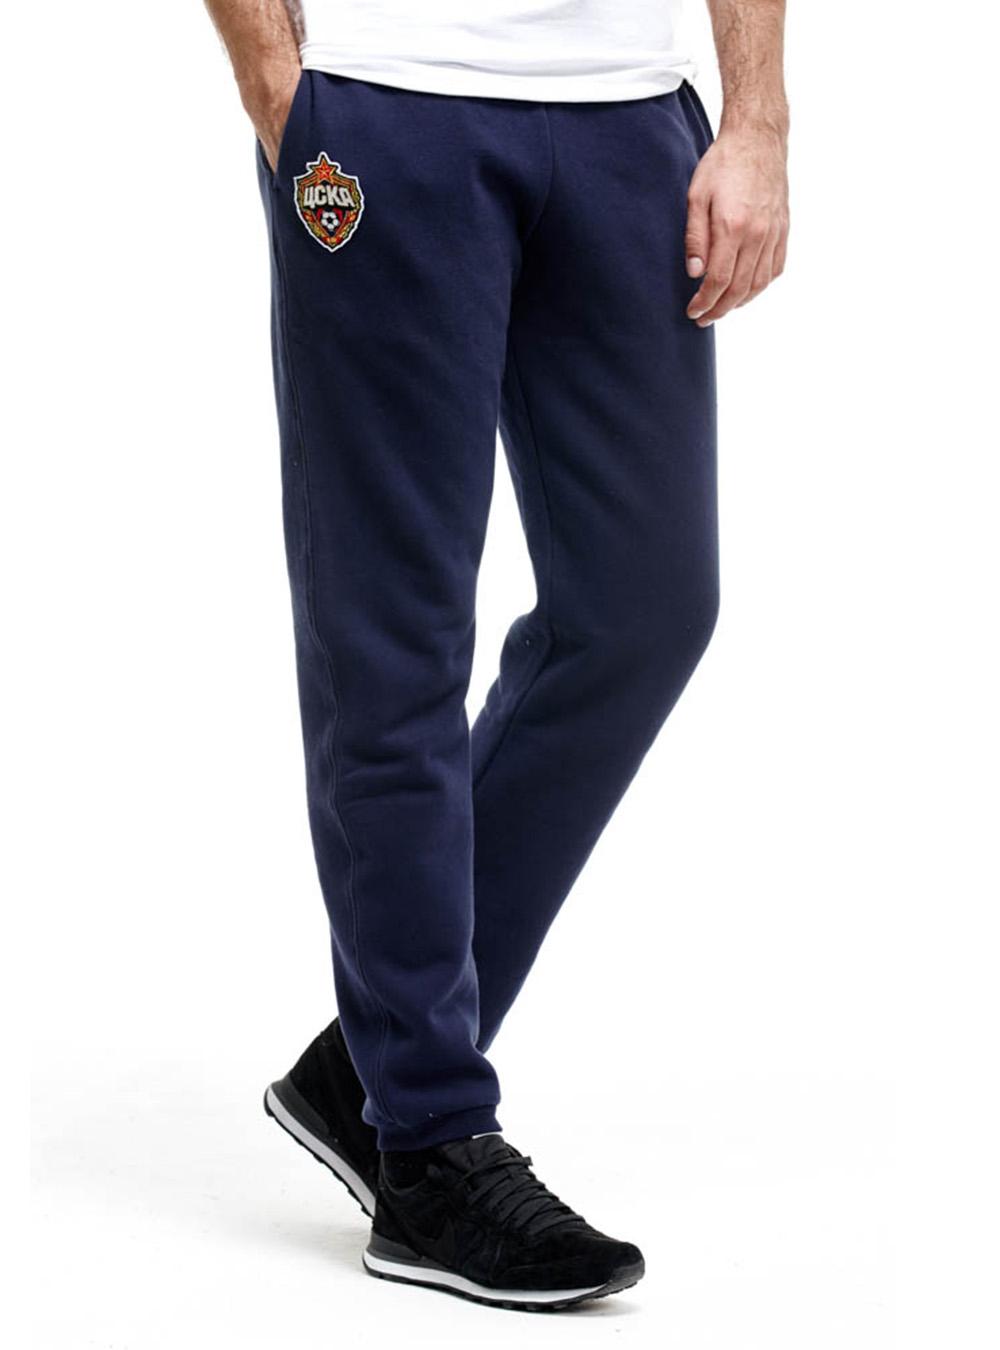 Брюки спортивные эмблема (149270), цвет синий (XL)Брюки, шорты<br>Брюки спортивные эмблема (149270), цвет синий<br>